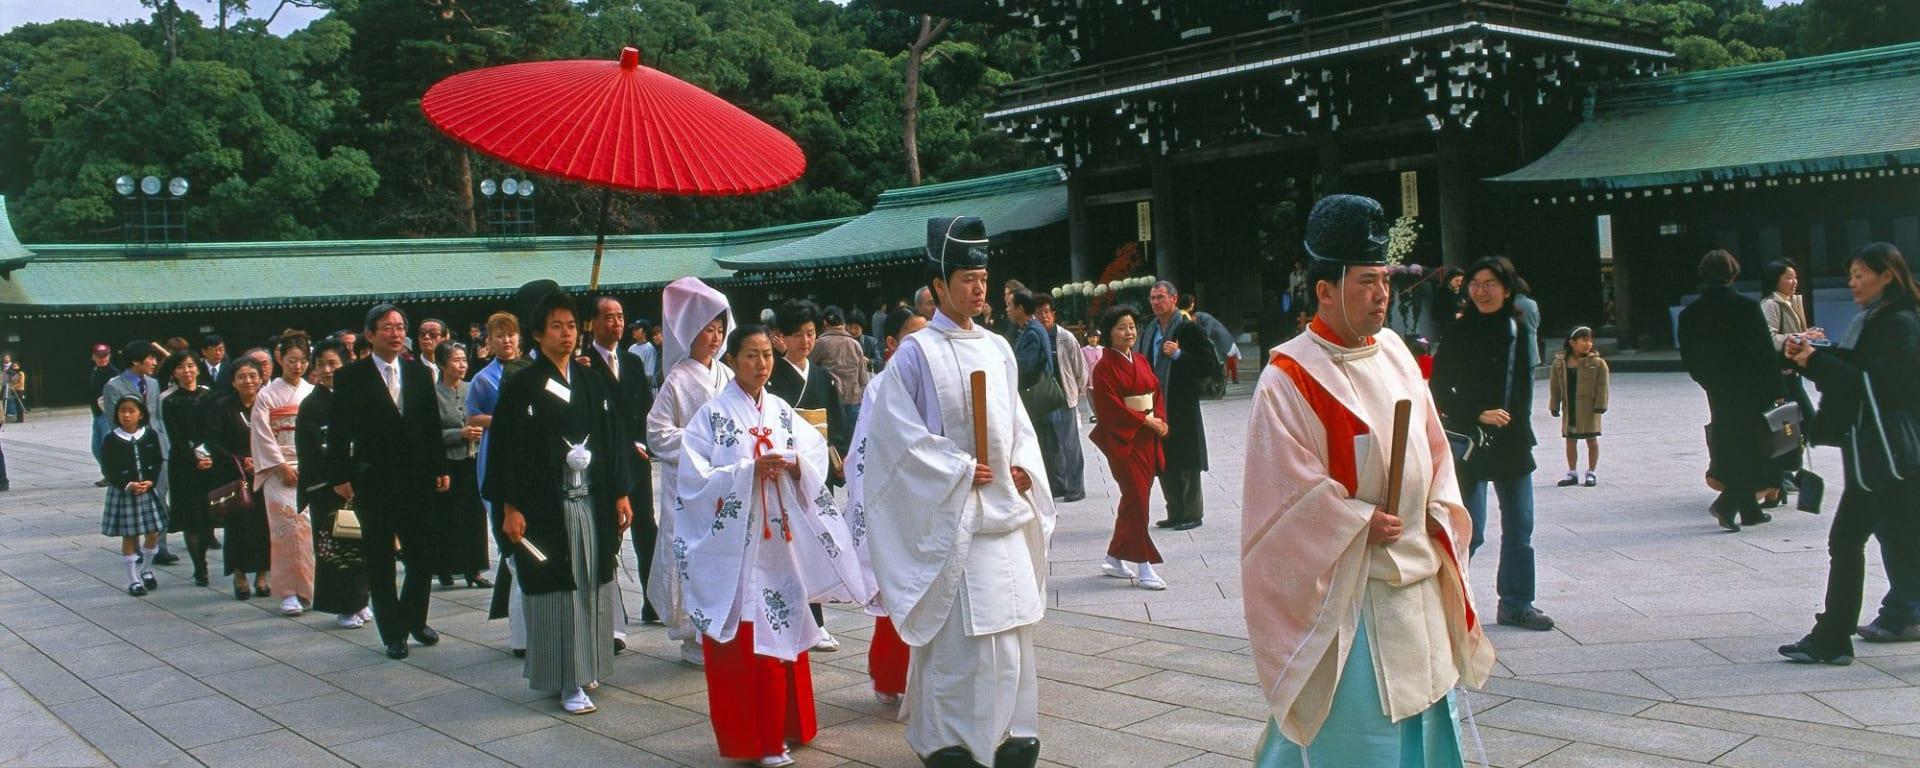 Tour de ville - une journée à Tokyo: Tokyo: Wedding at Meiji Shrine